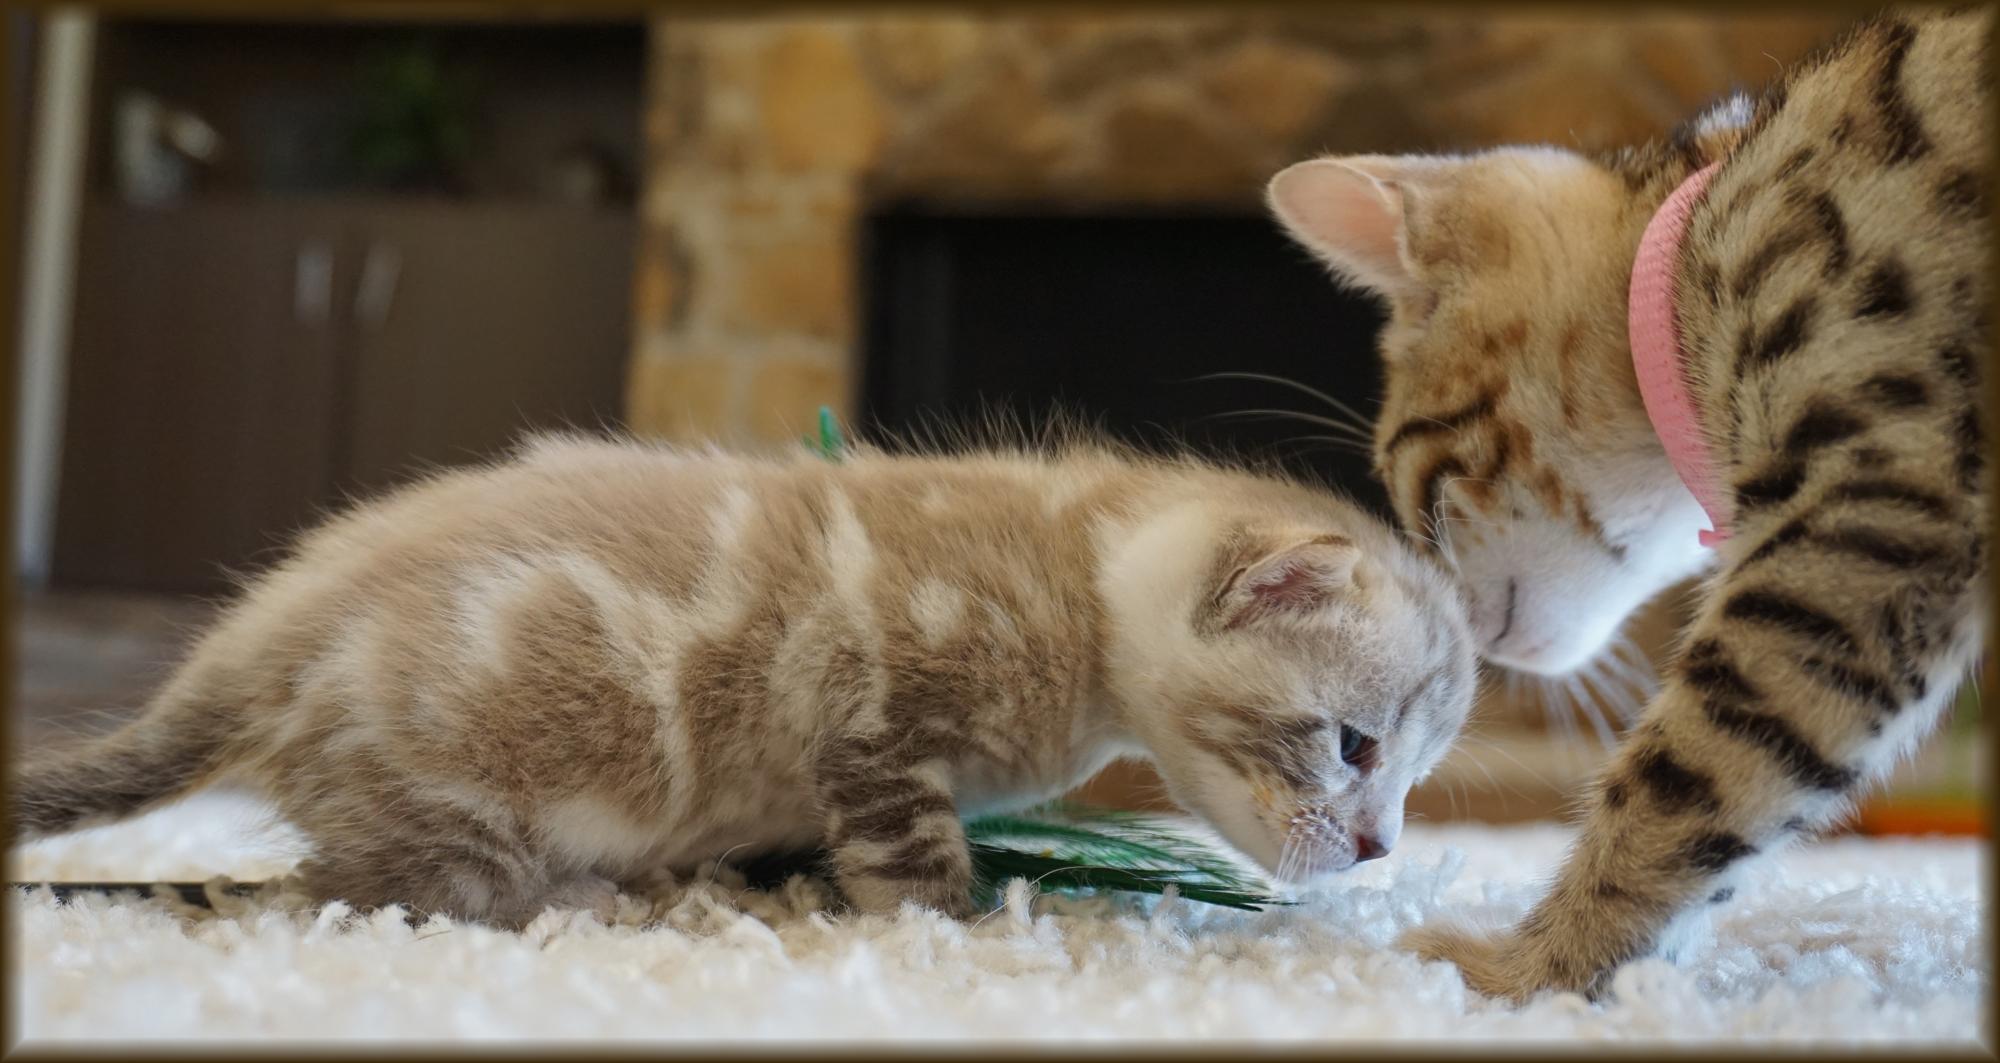 Cheetahsden Luma and Baby Kitten